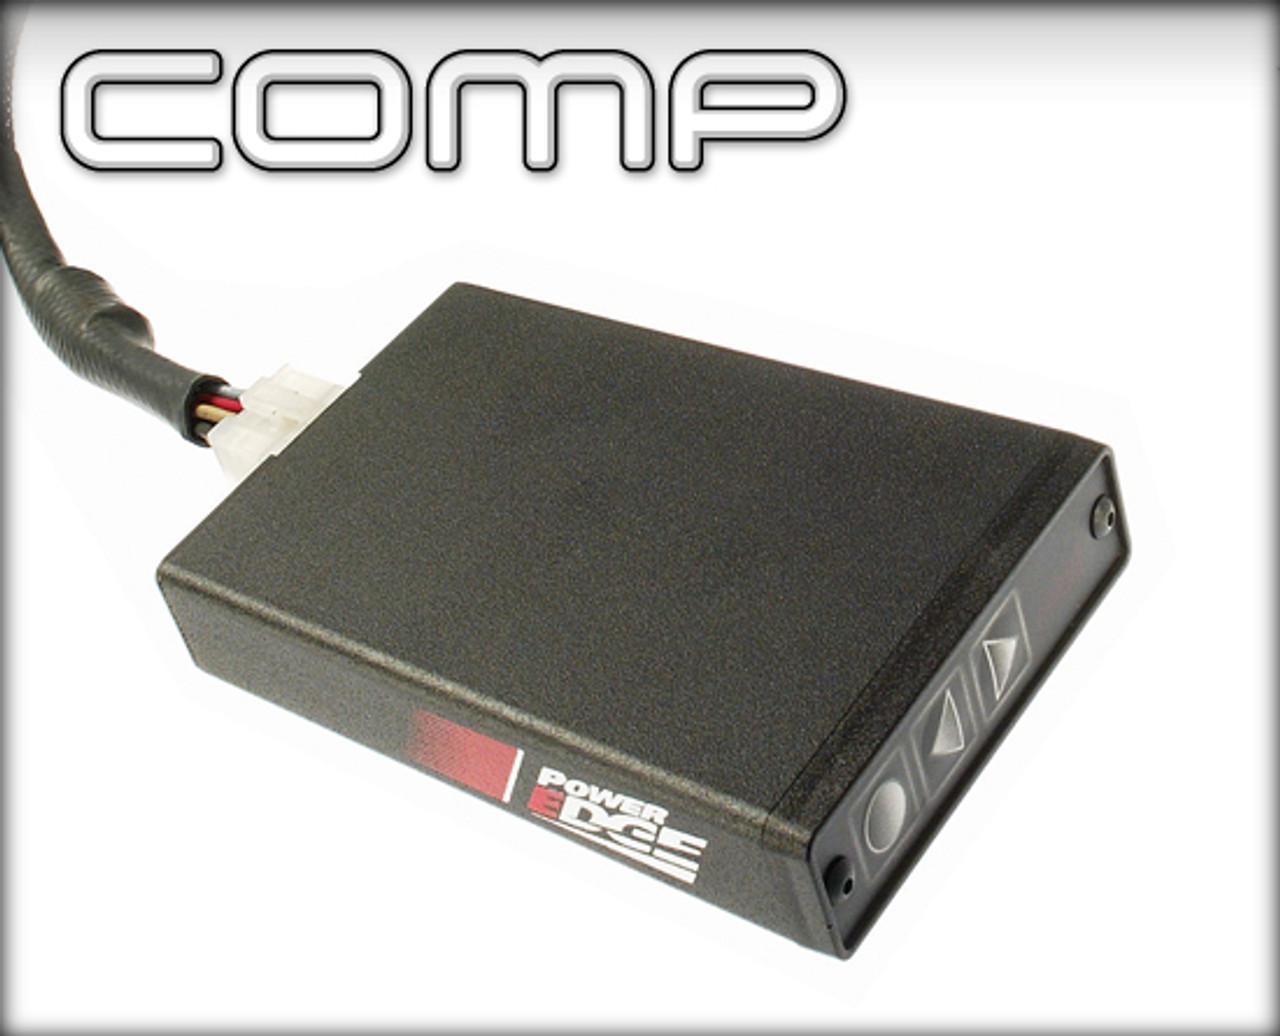 01/02 Dodge Power Edge Comp